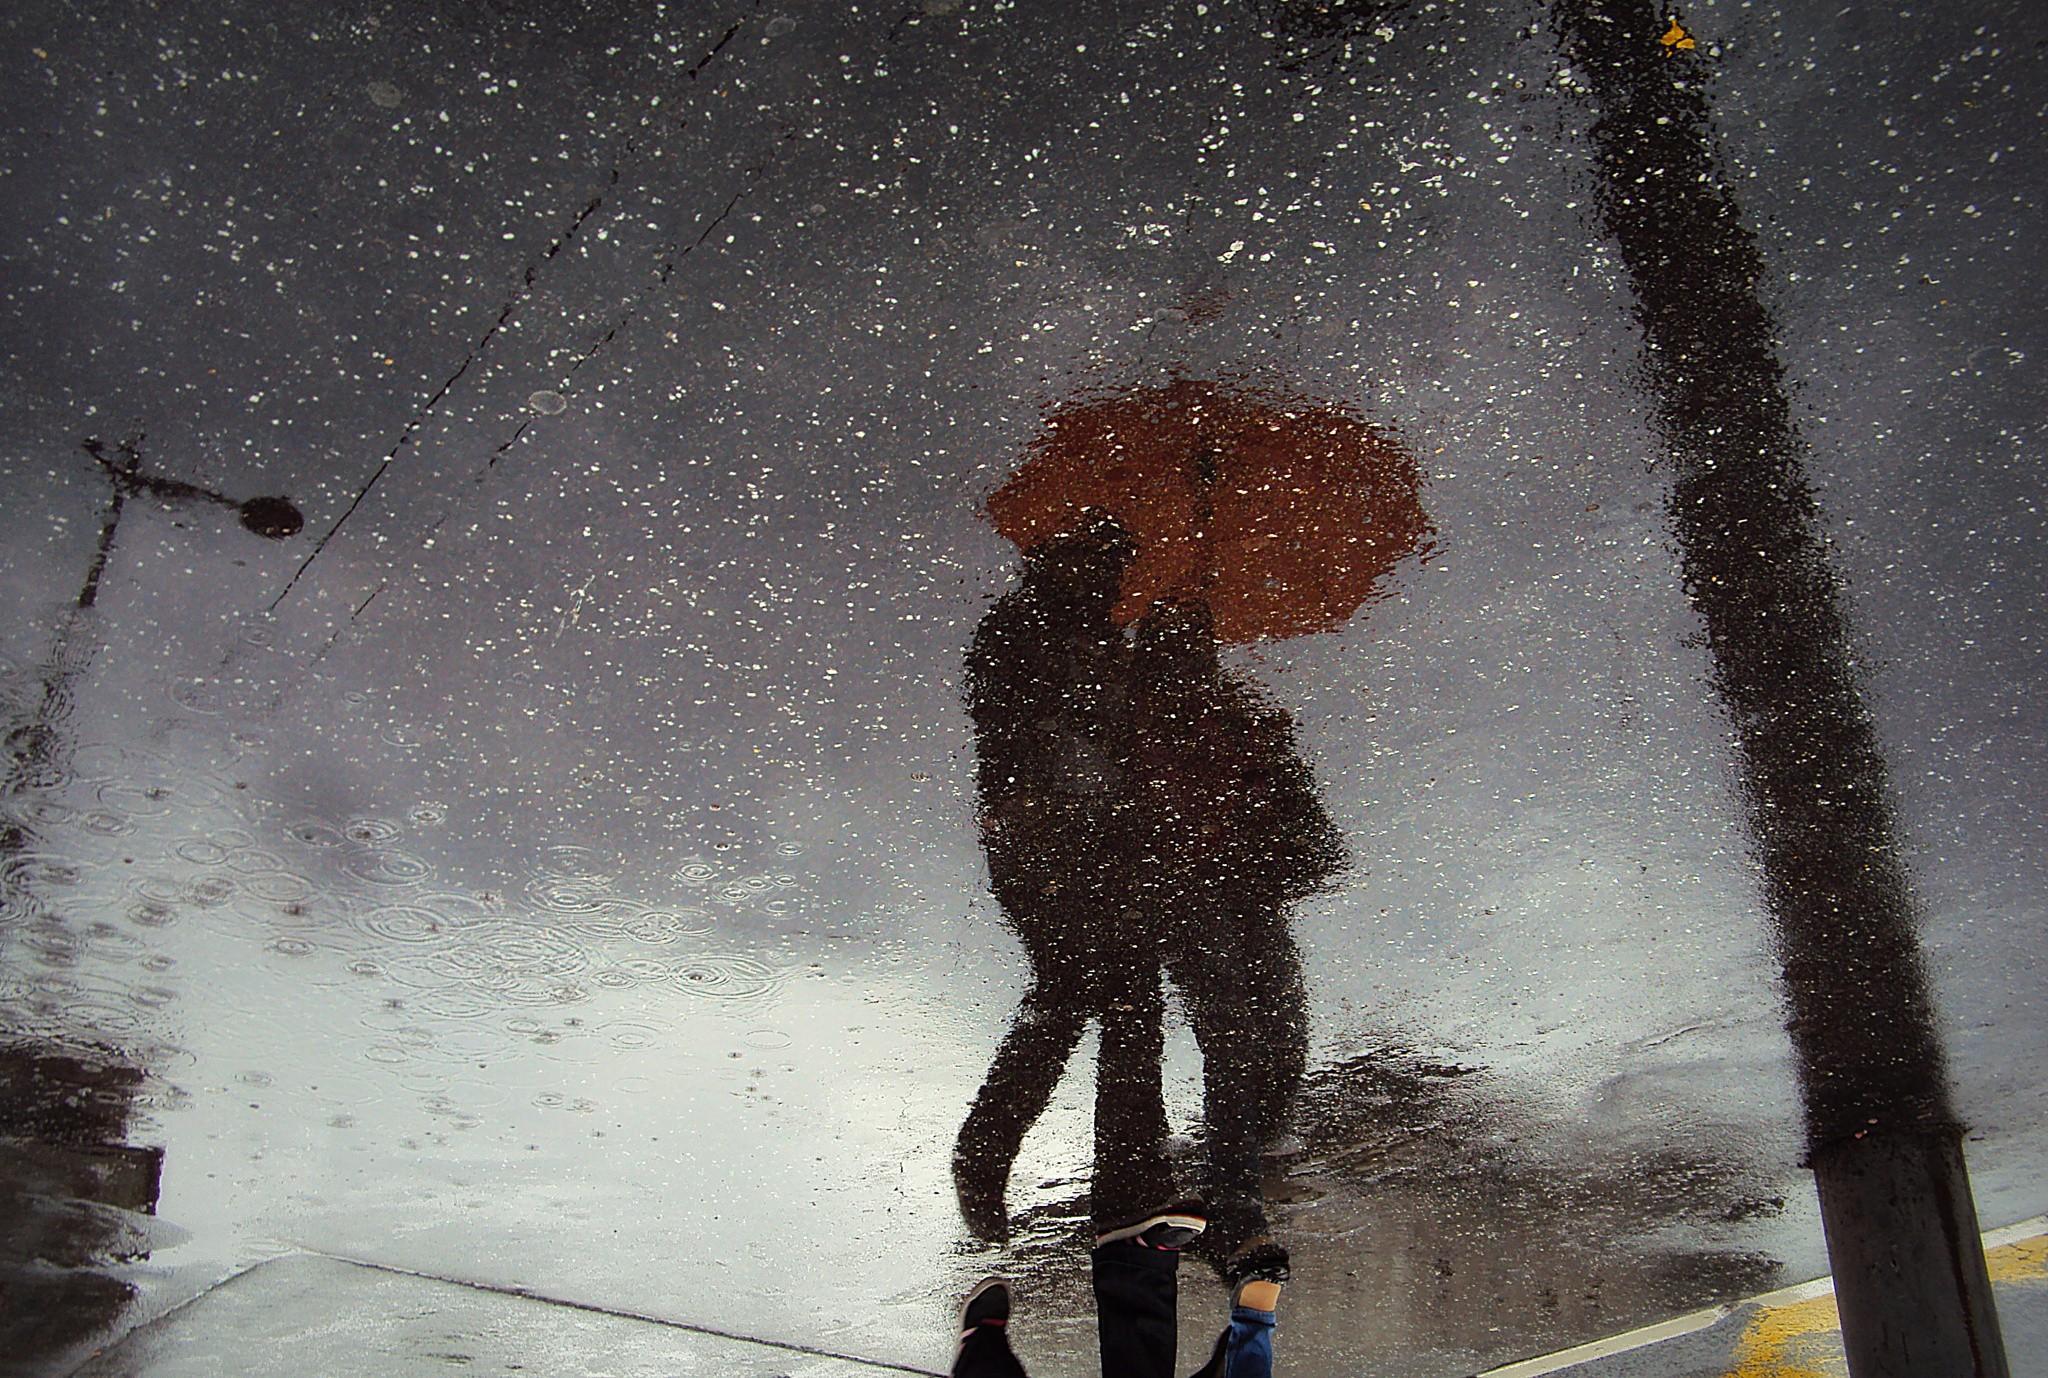 меня картинки солнце дождь ветер и снег ждешь ты меня страдая значительное время